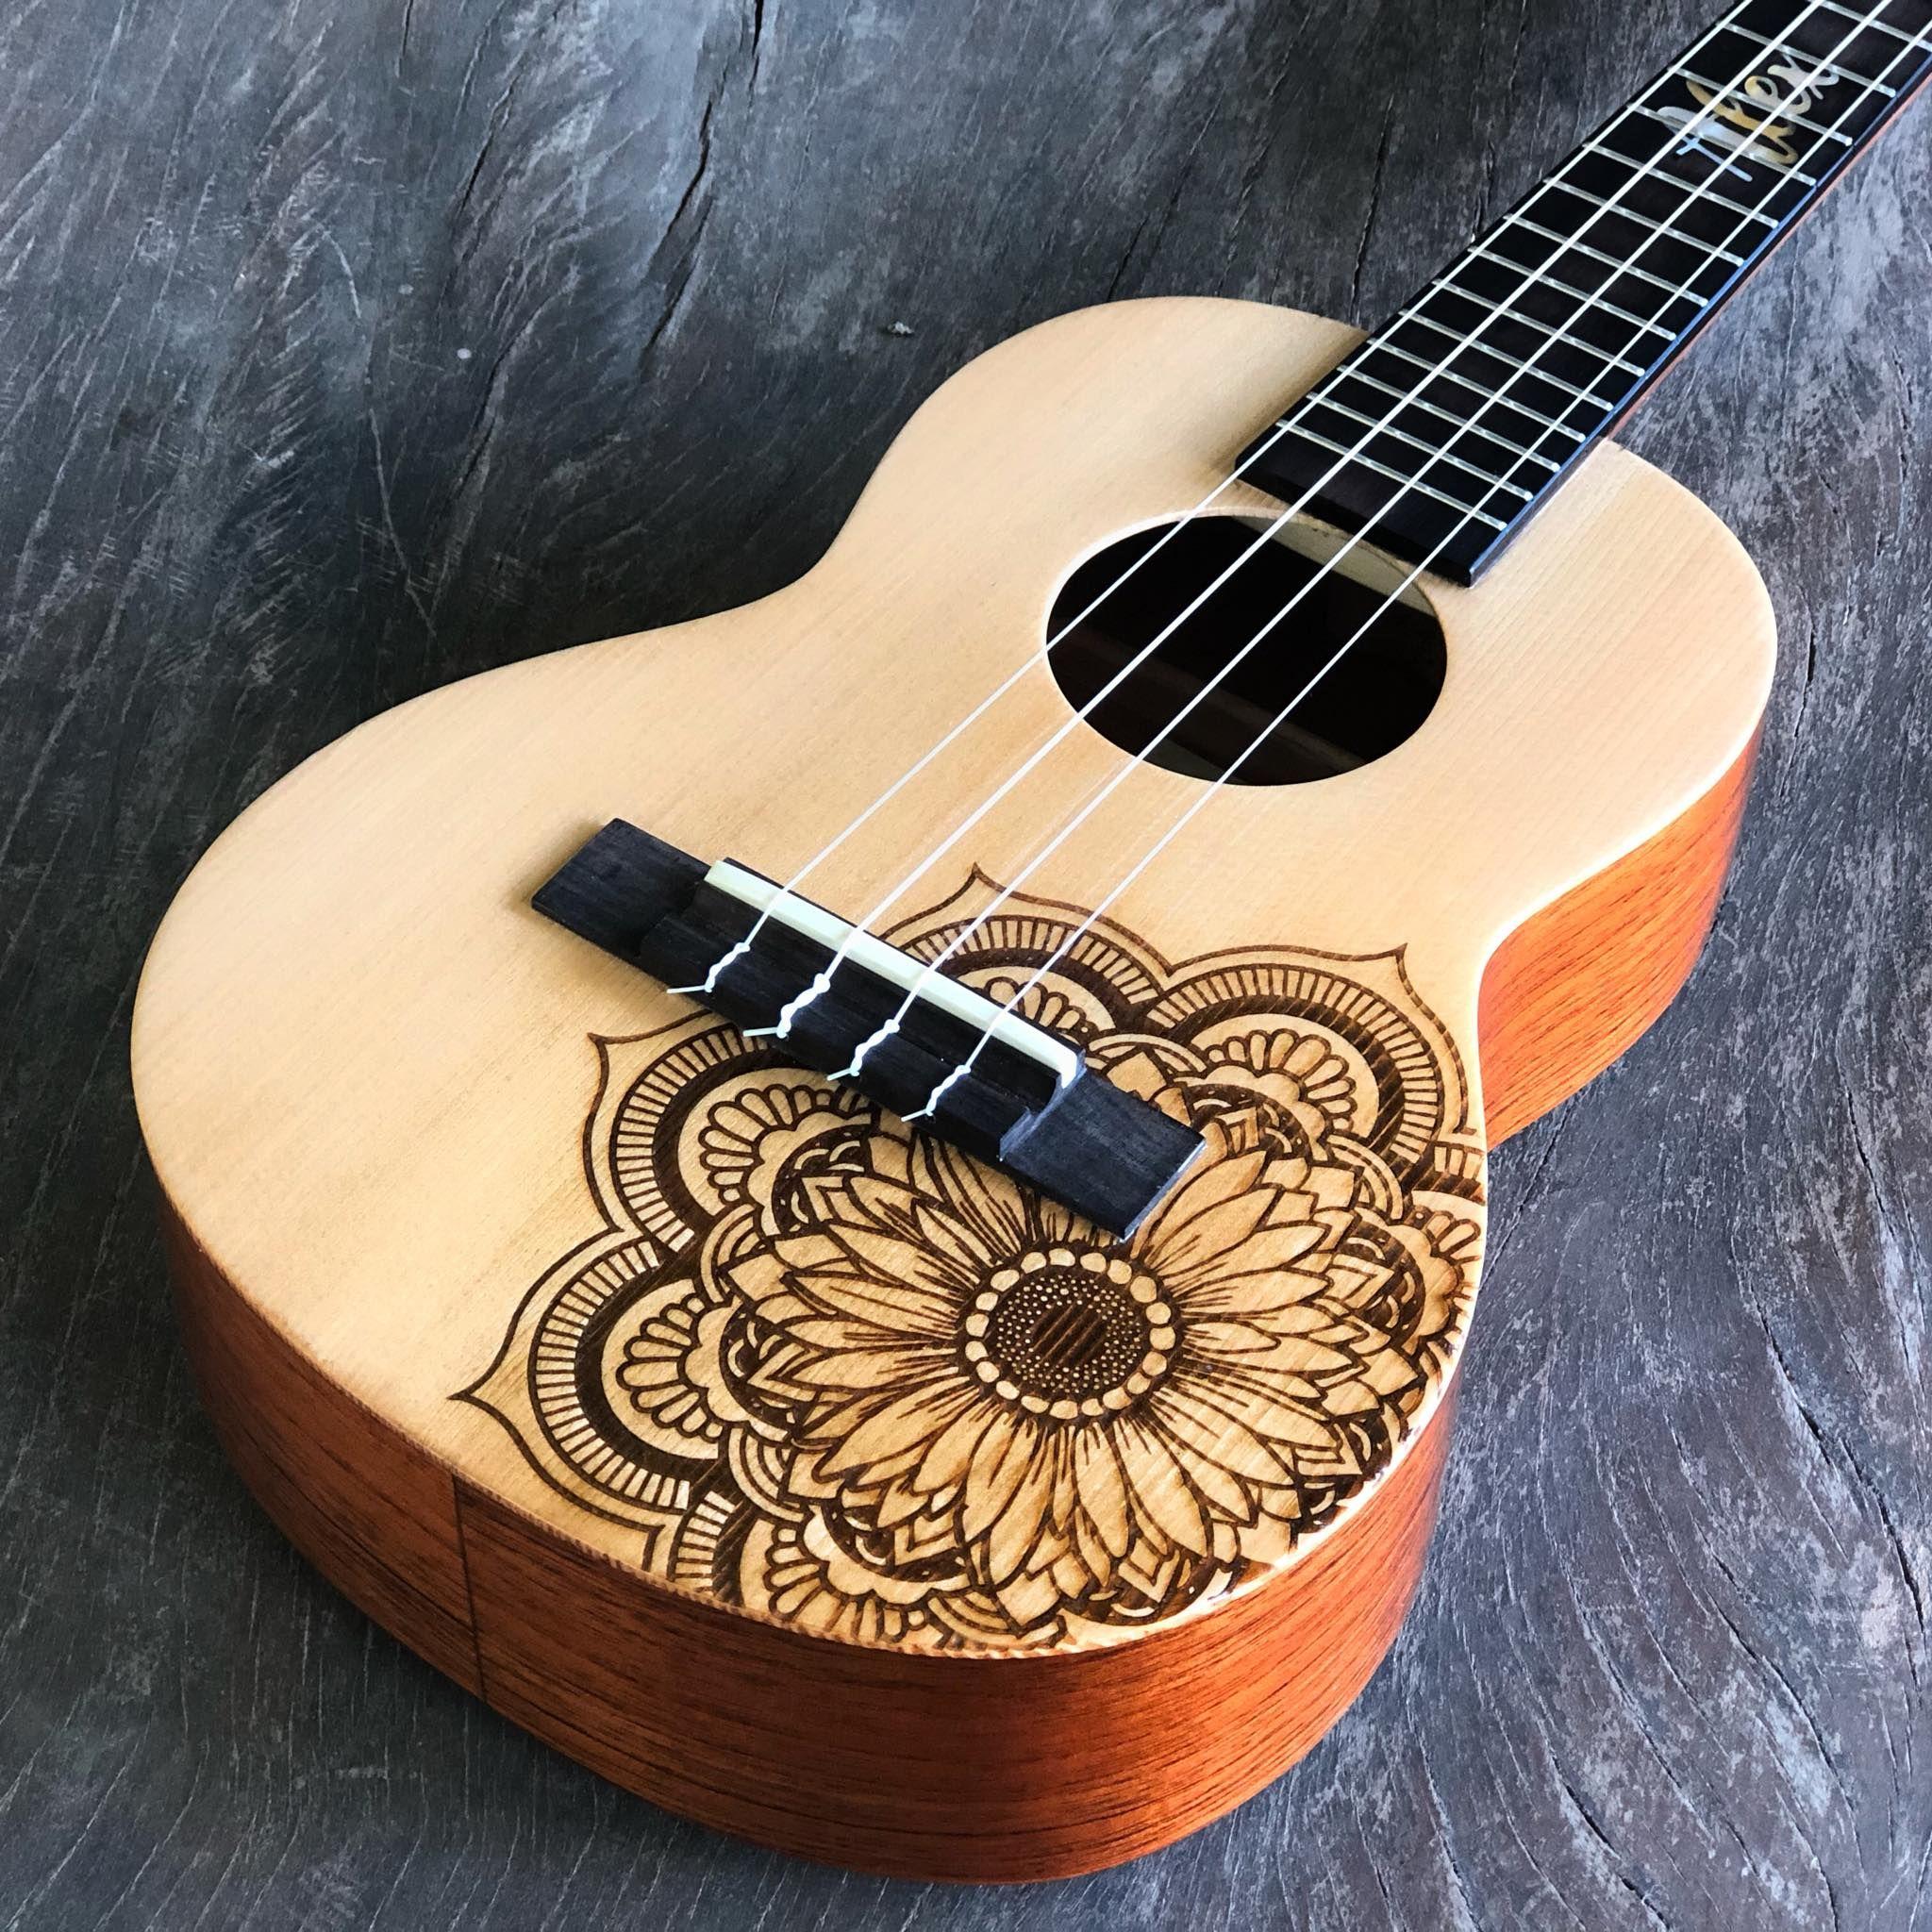 Custom Made Ukelele Painted Ukulele Ukelele Instruments Art